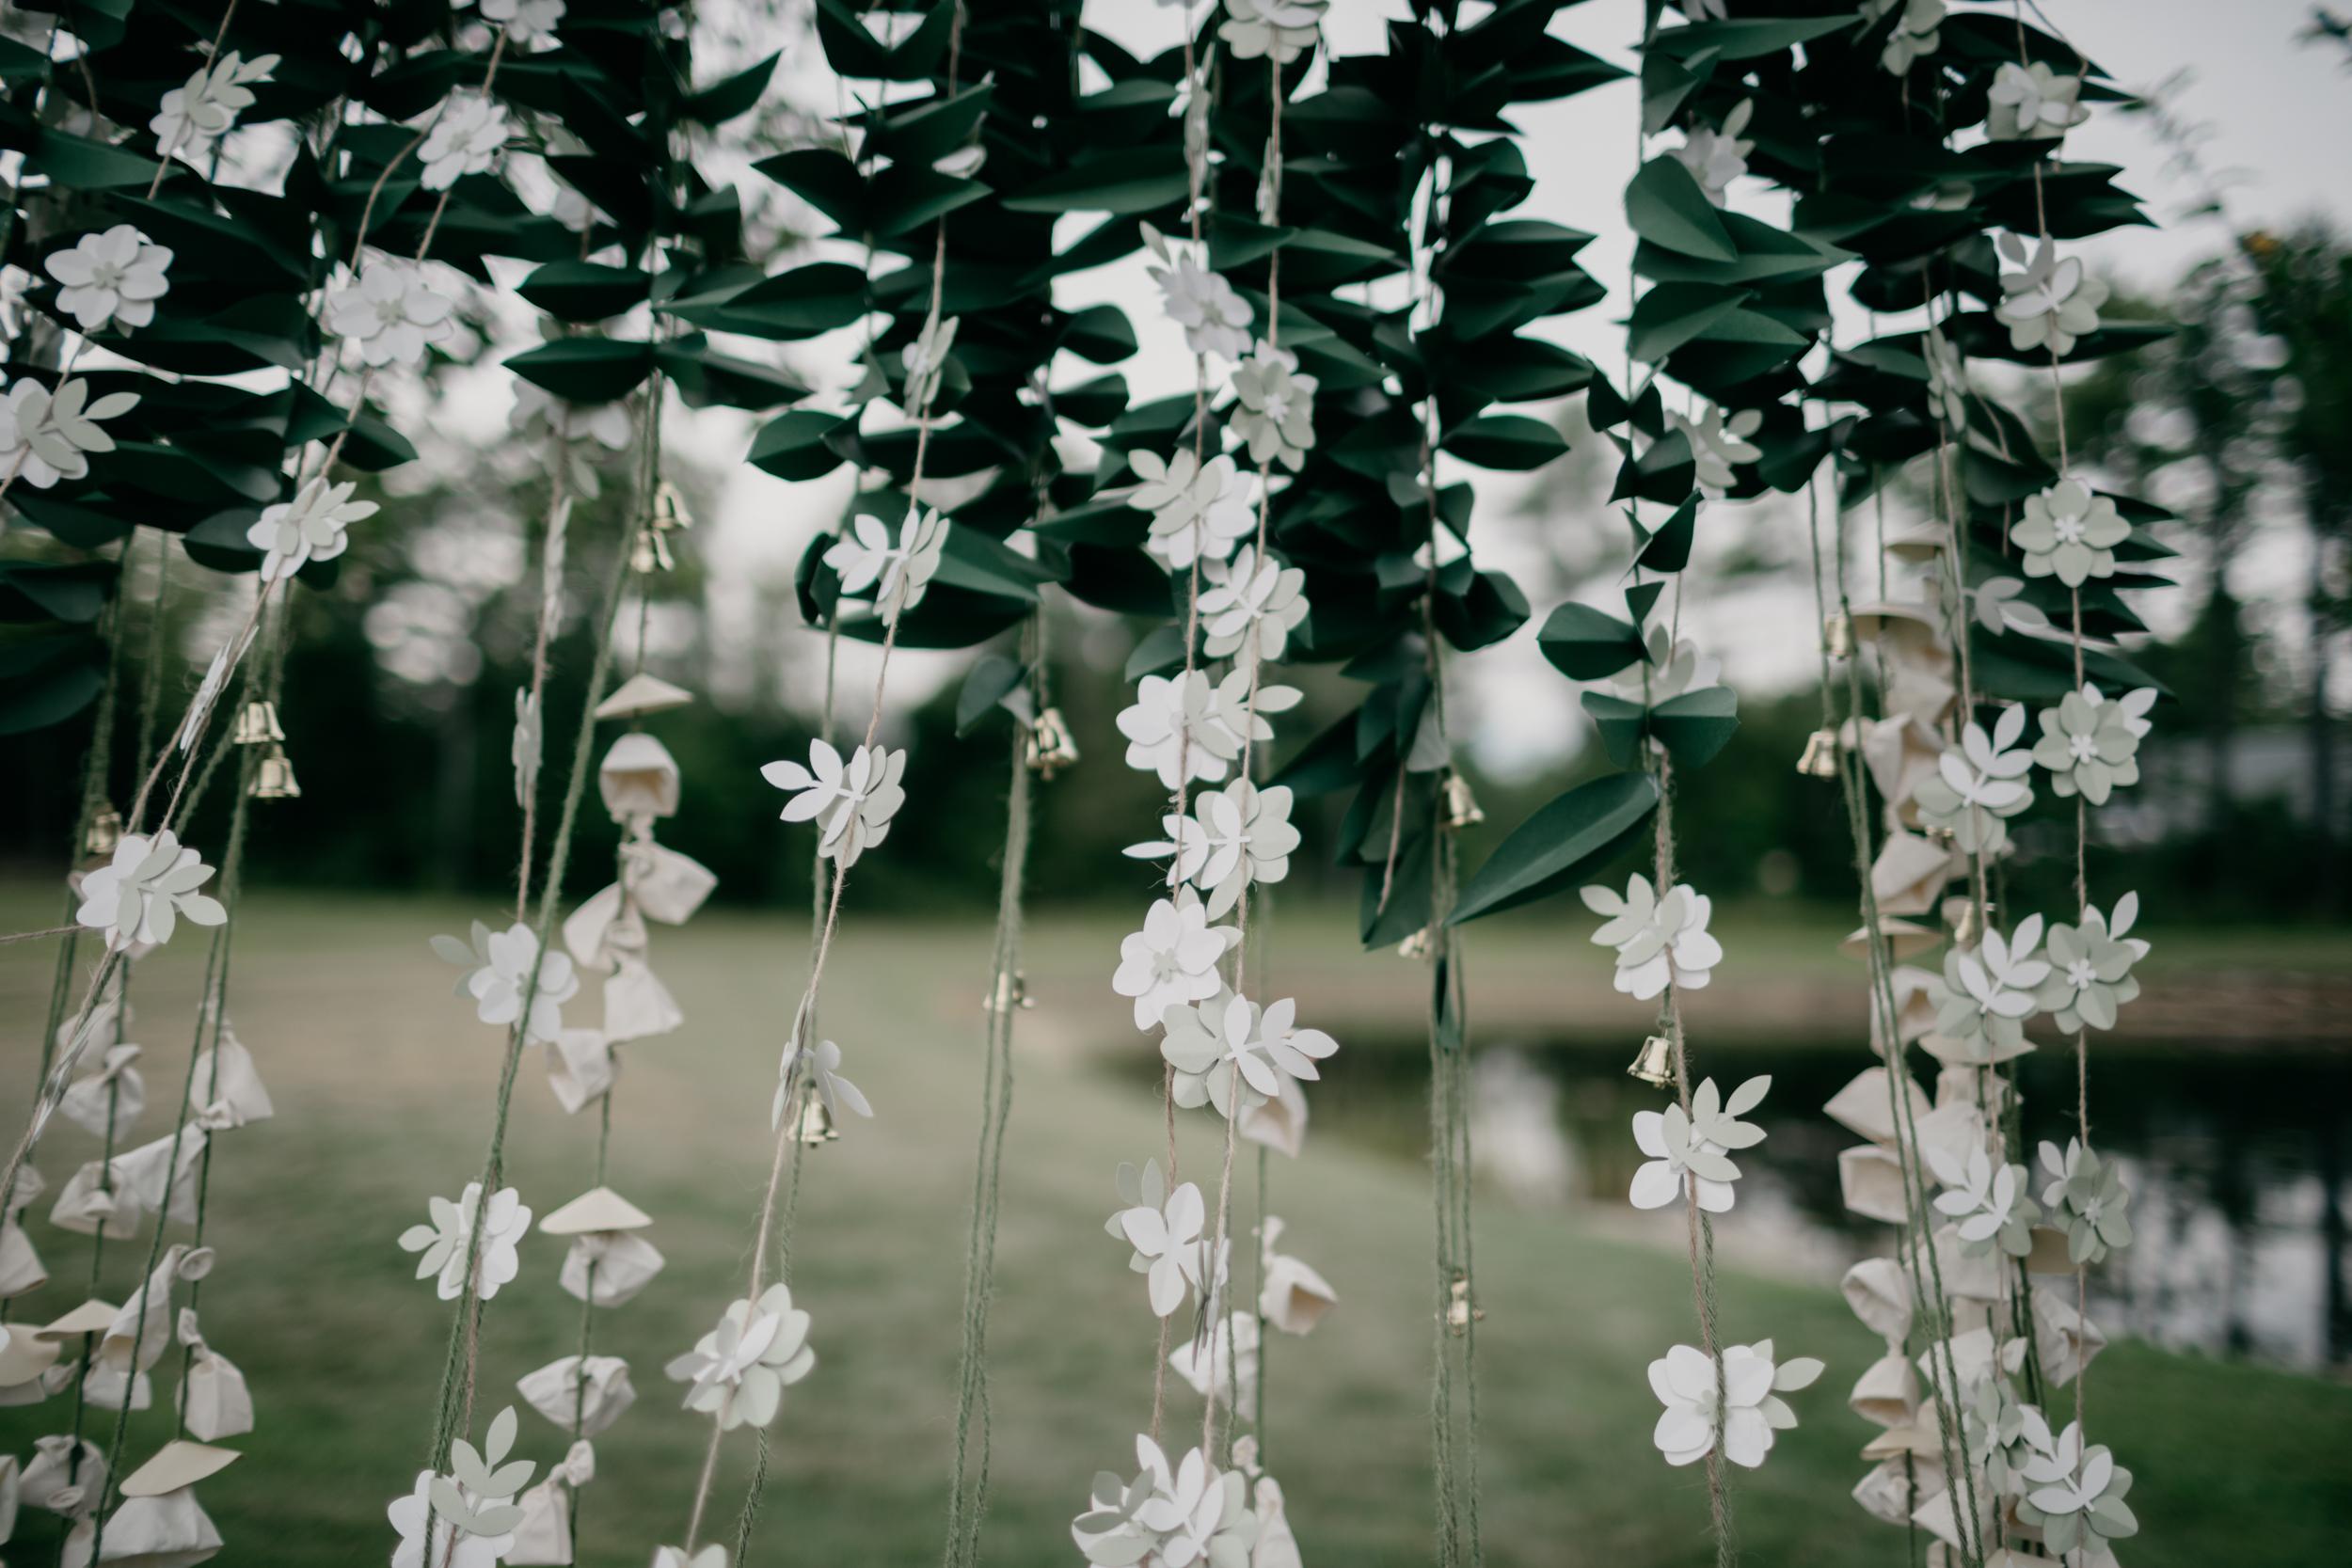 Jessie_Erik_Pownal_Maine_Wedding_William_allen_farm_025.jpg